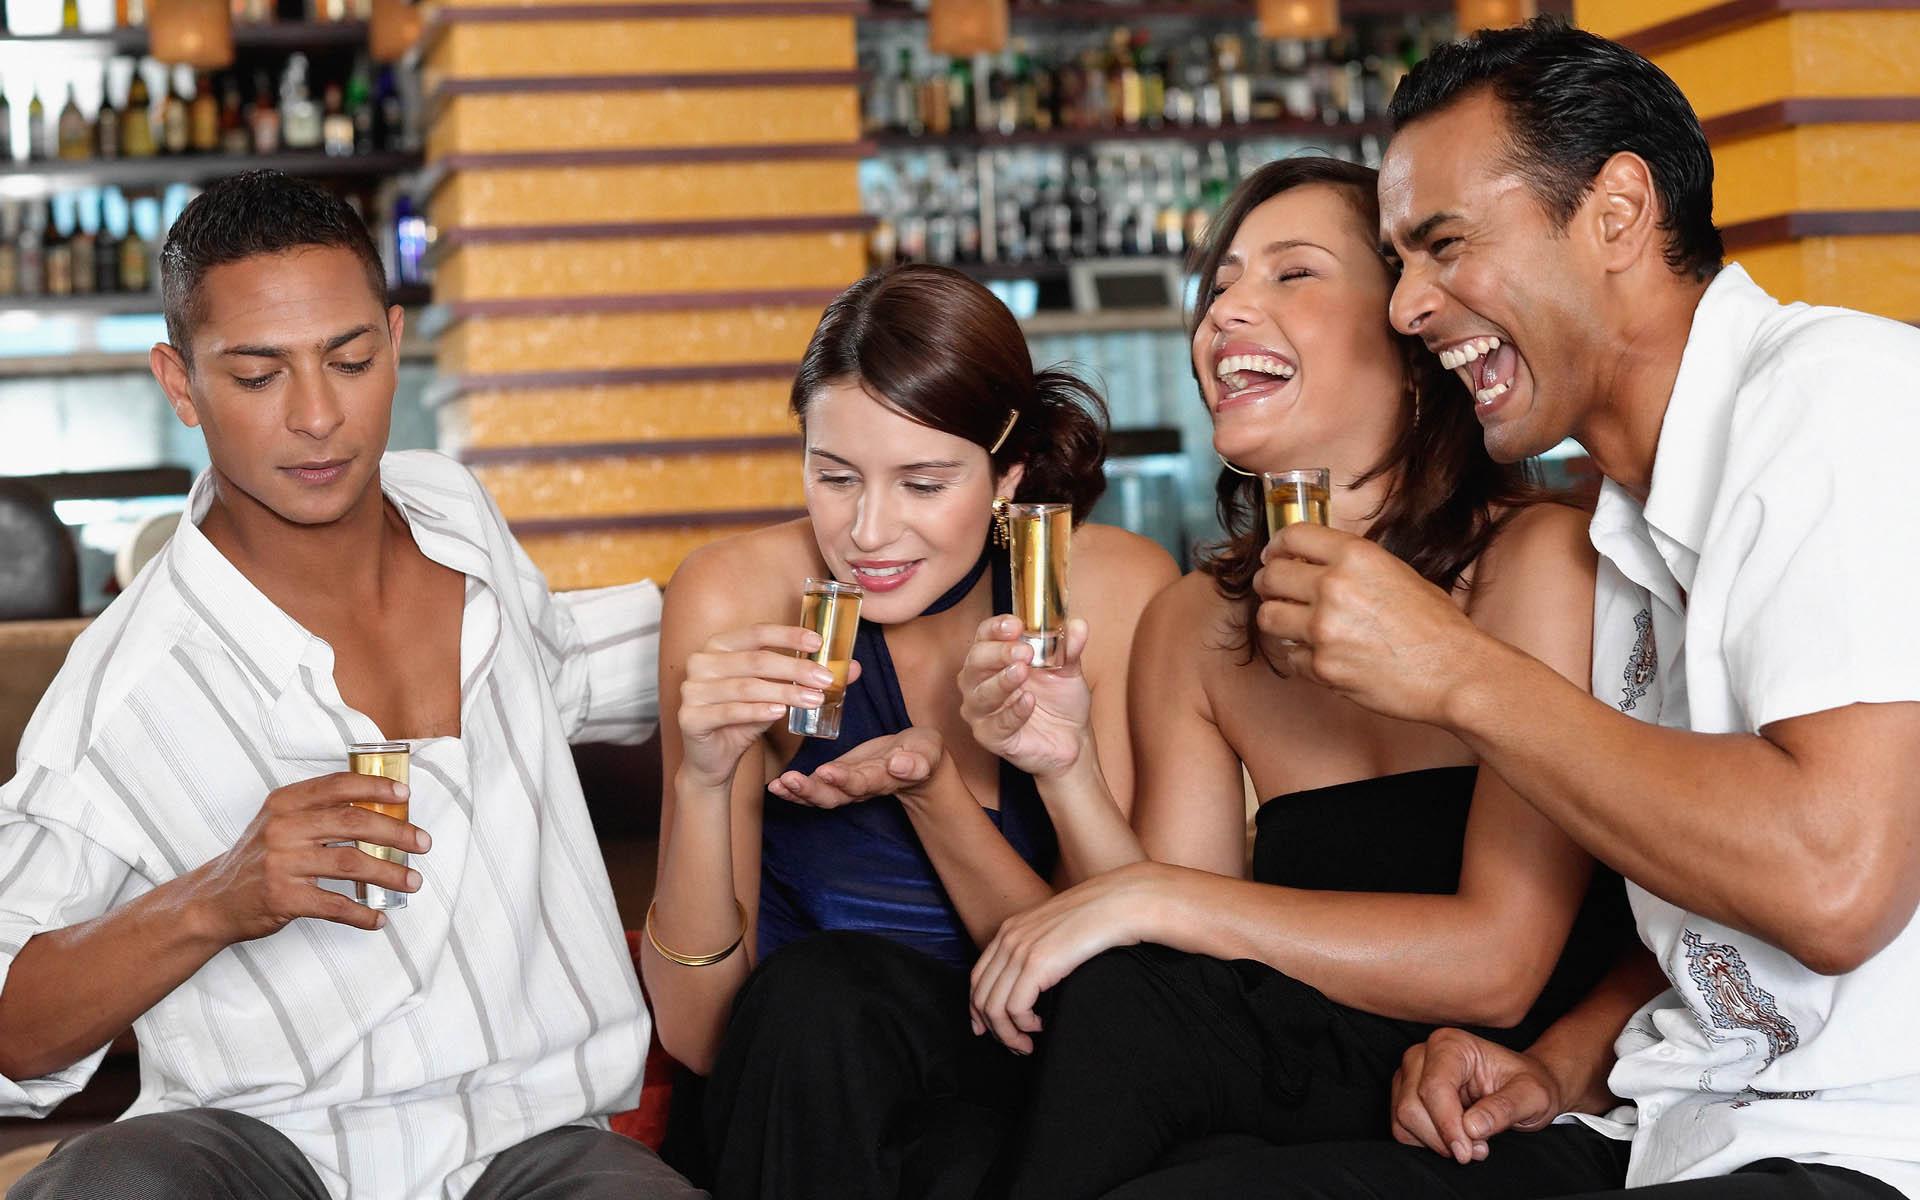 парень знакомится с девушкой в баре отдыхаю выпивают женщины мотоциклах